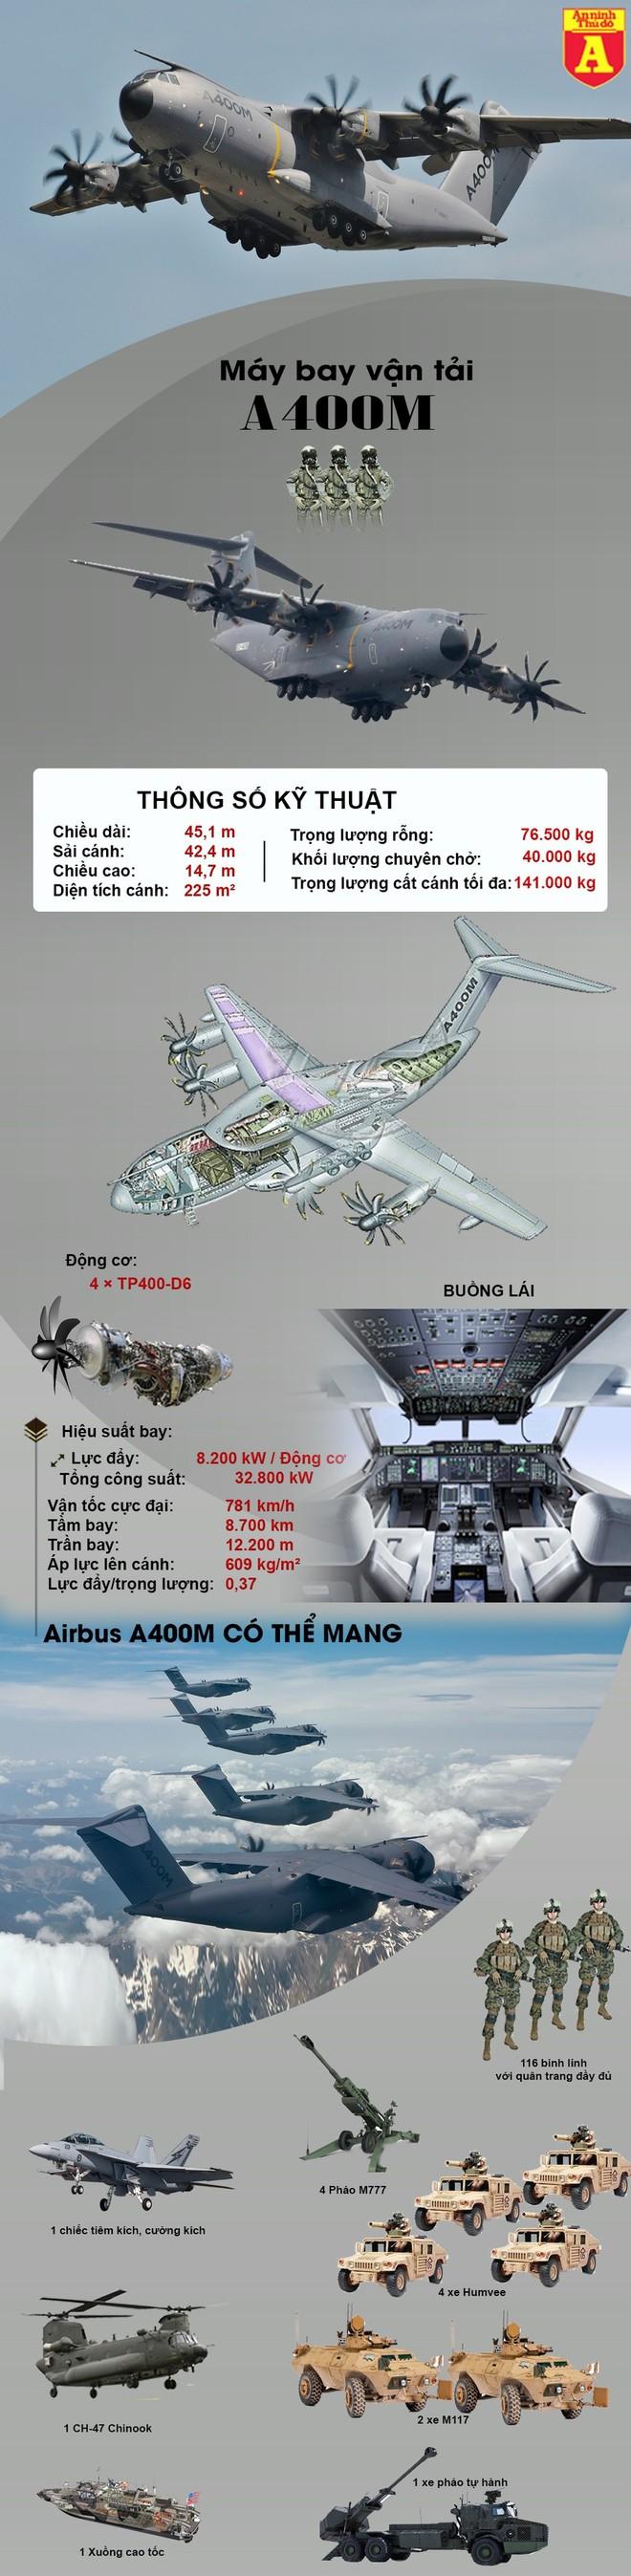 [Info] 'Lực sĩ bay' A400M không có đối thủ trong cùng phân khúc ảnh 3